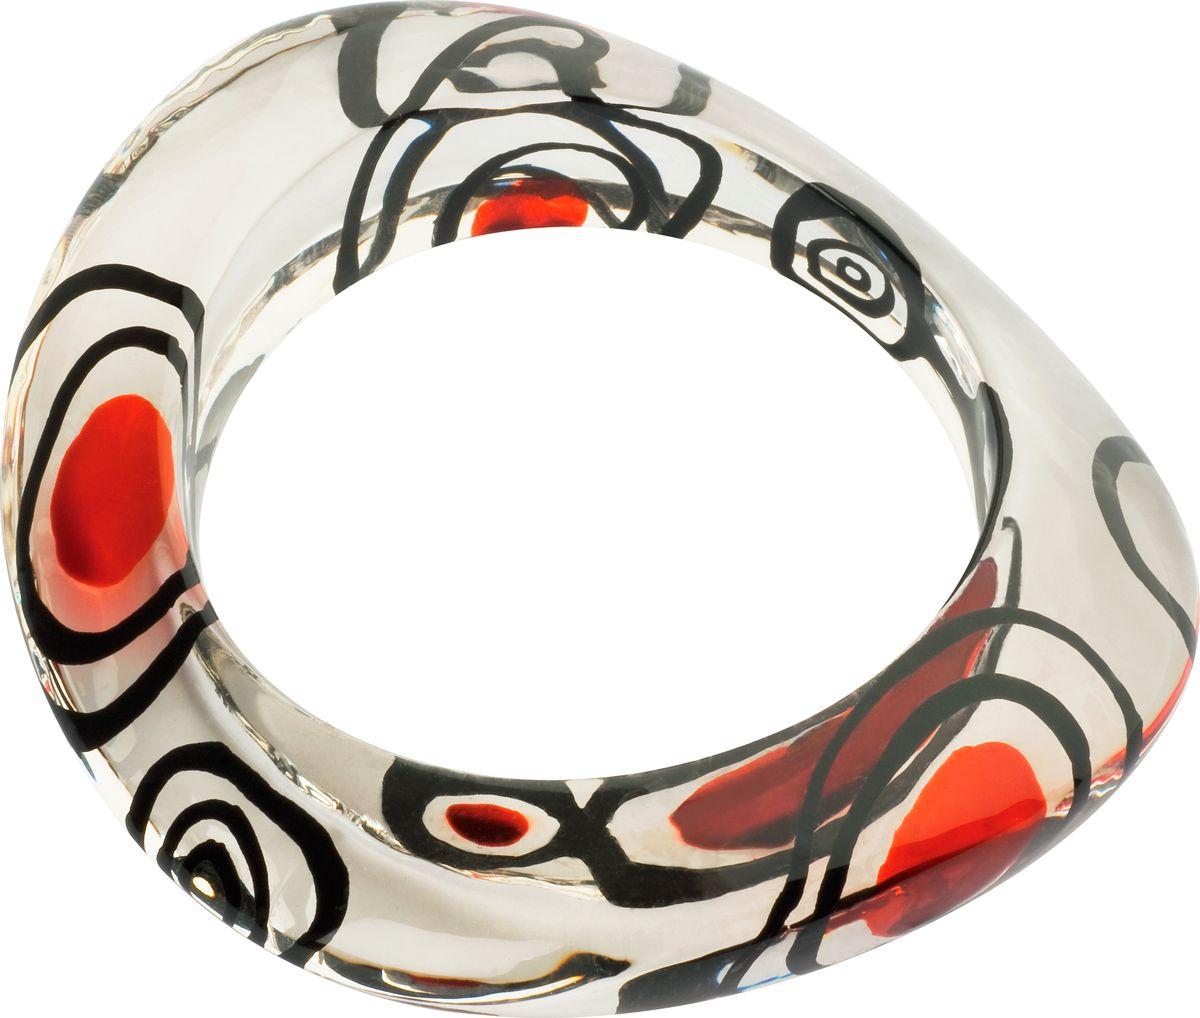 Браслет Lalo Treasures, цвет: прозрачный, красный. B2448/1sГлидерный браслетОригинальный браслет Lalo Treasures выполнен из ювелирной смолы и металлического сплава.Браслет состоит из одного декоративного элемента неправильной формы.Стильное украшение поможет дополнить любой образ и привнести в него завершающий яркий штрих.